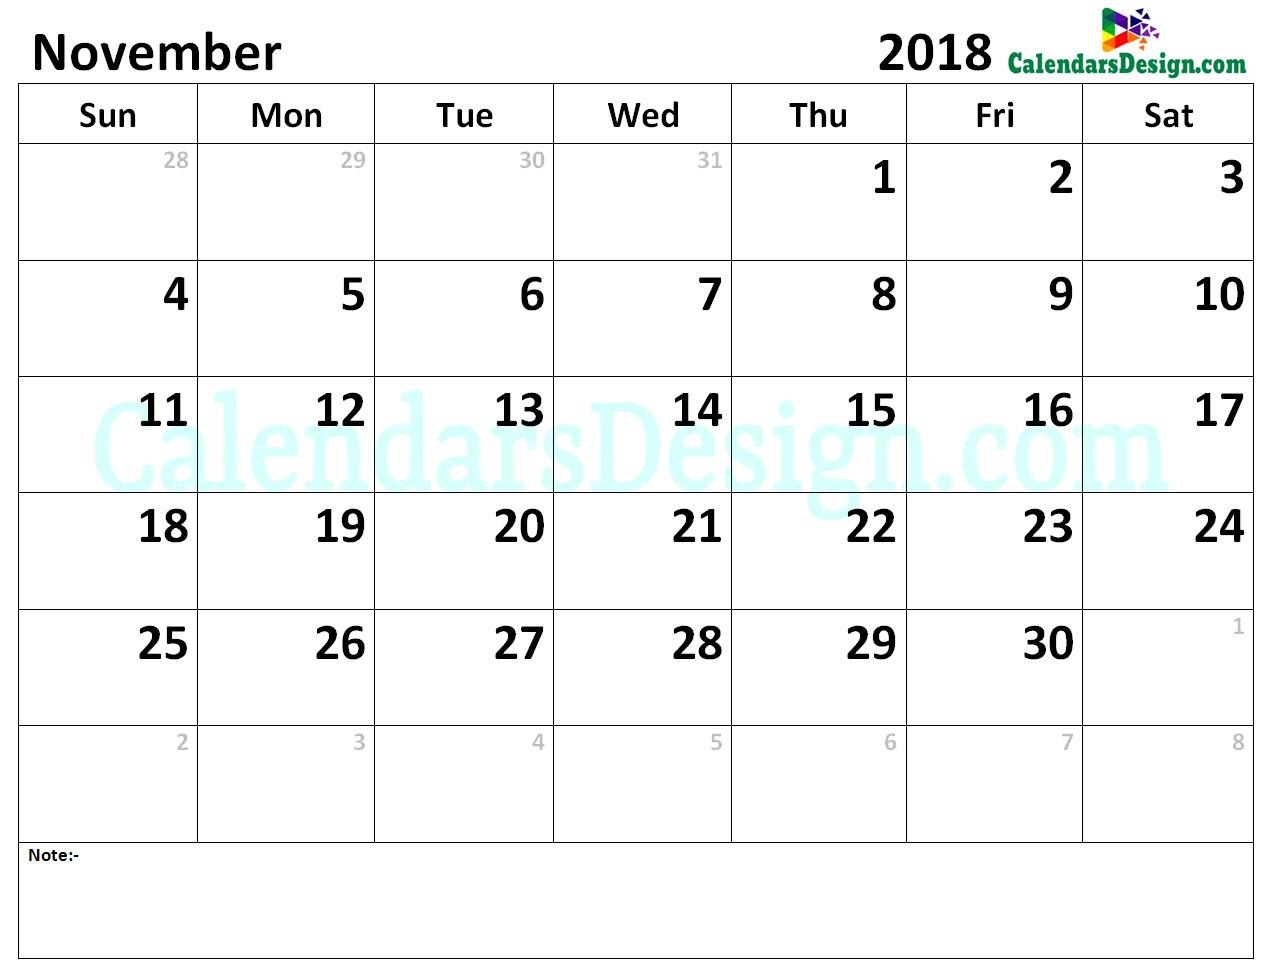 Calendar for November 2018